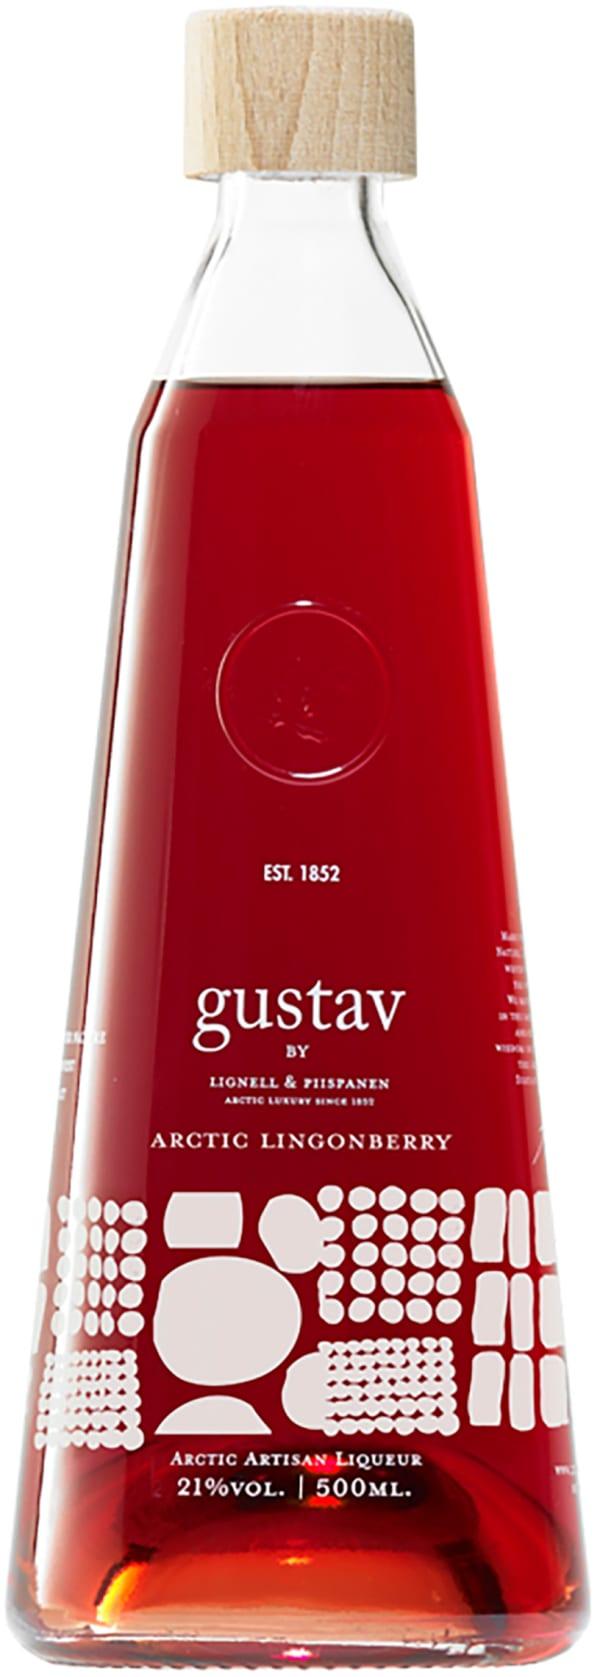 Gustav Arctic Lingonberry